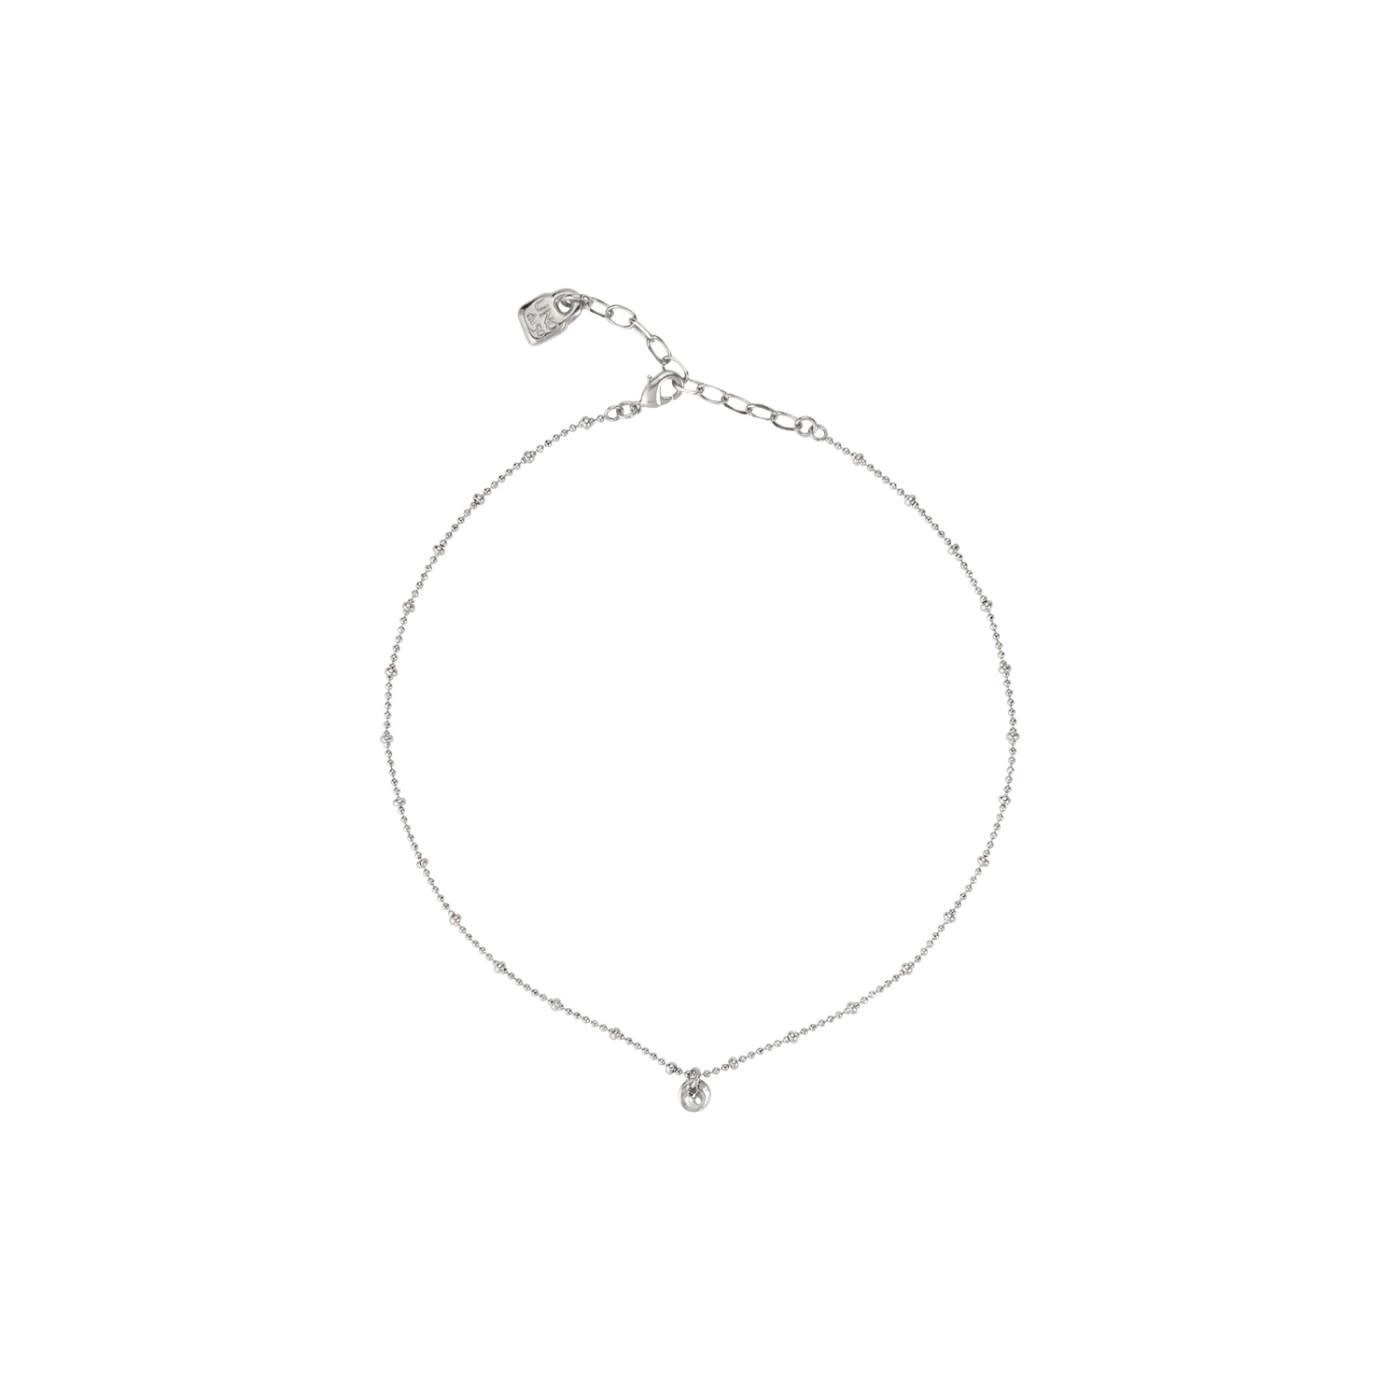 Uno de 50 Bright Star Necklace